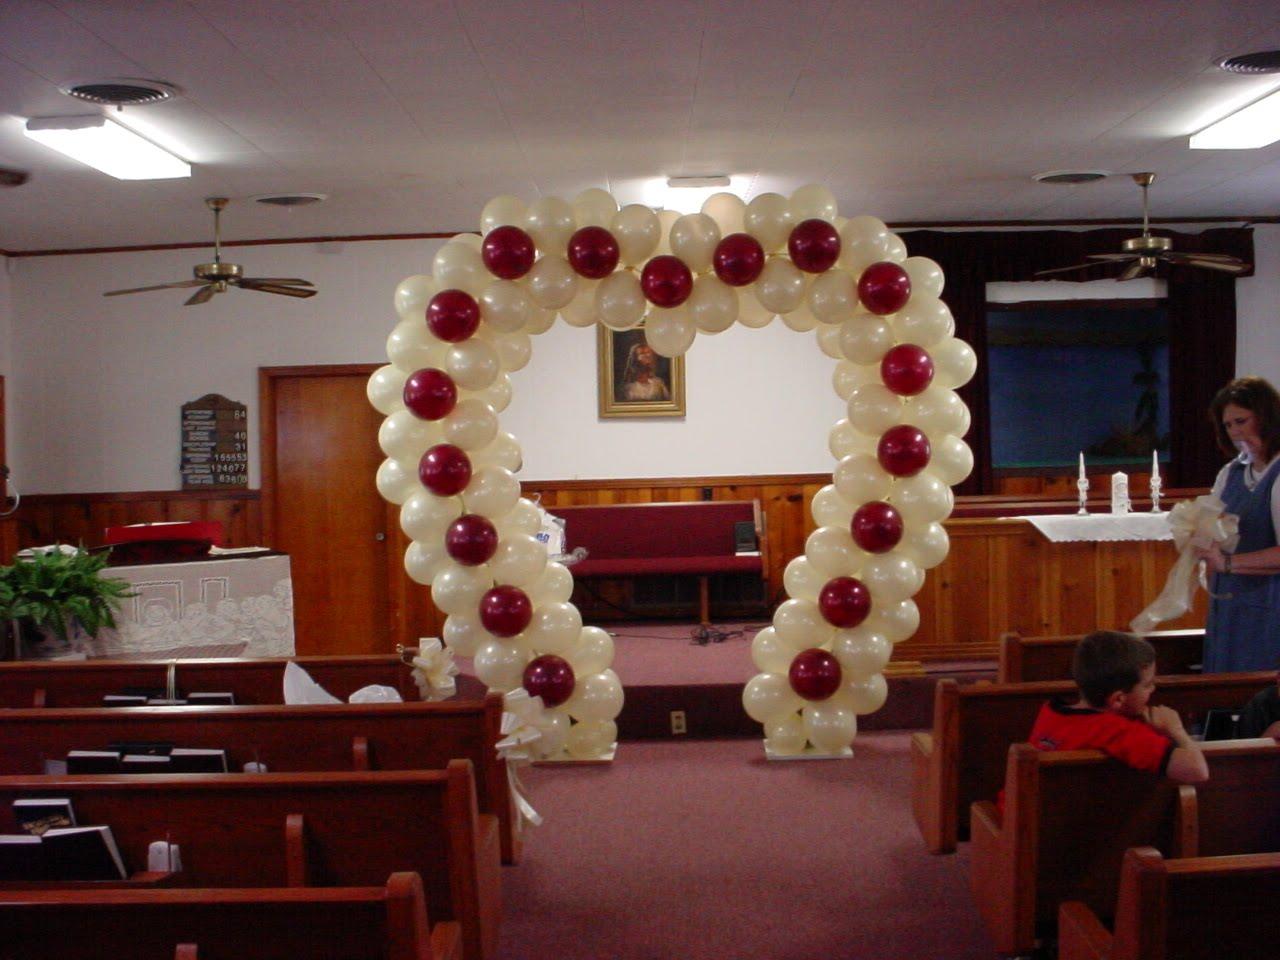 the diy bride  dudley u0026 39 s dos  u0026 donts of diy  ceremony decor